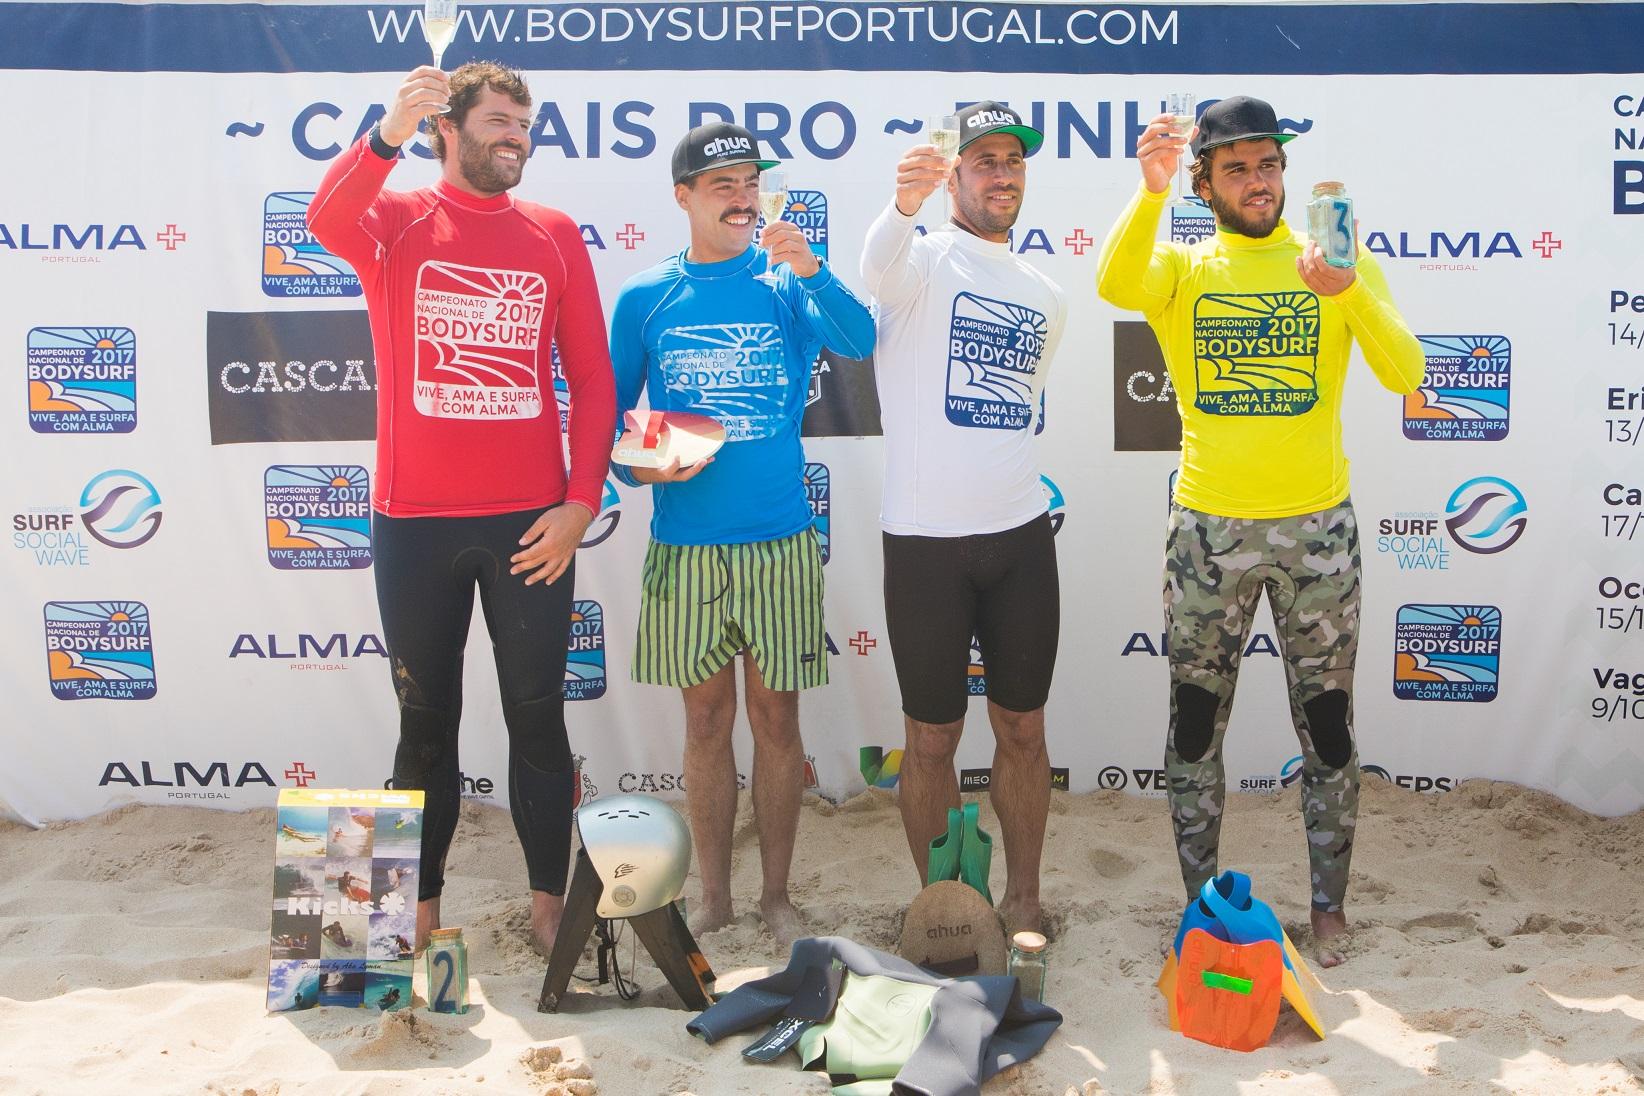 Finalistas_3ª_etapa_-_Cascais_Pro